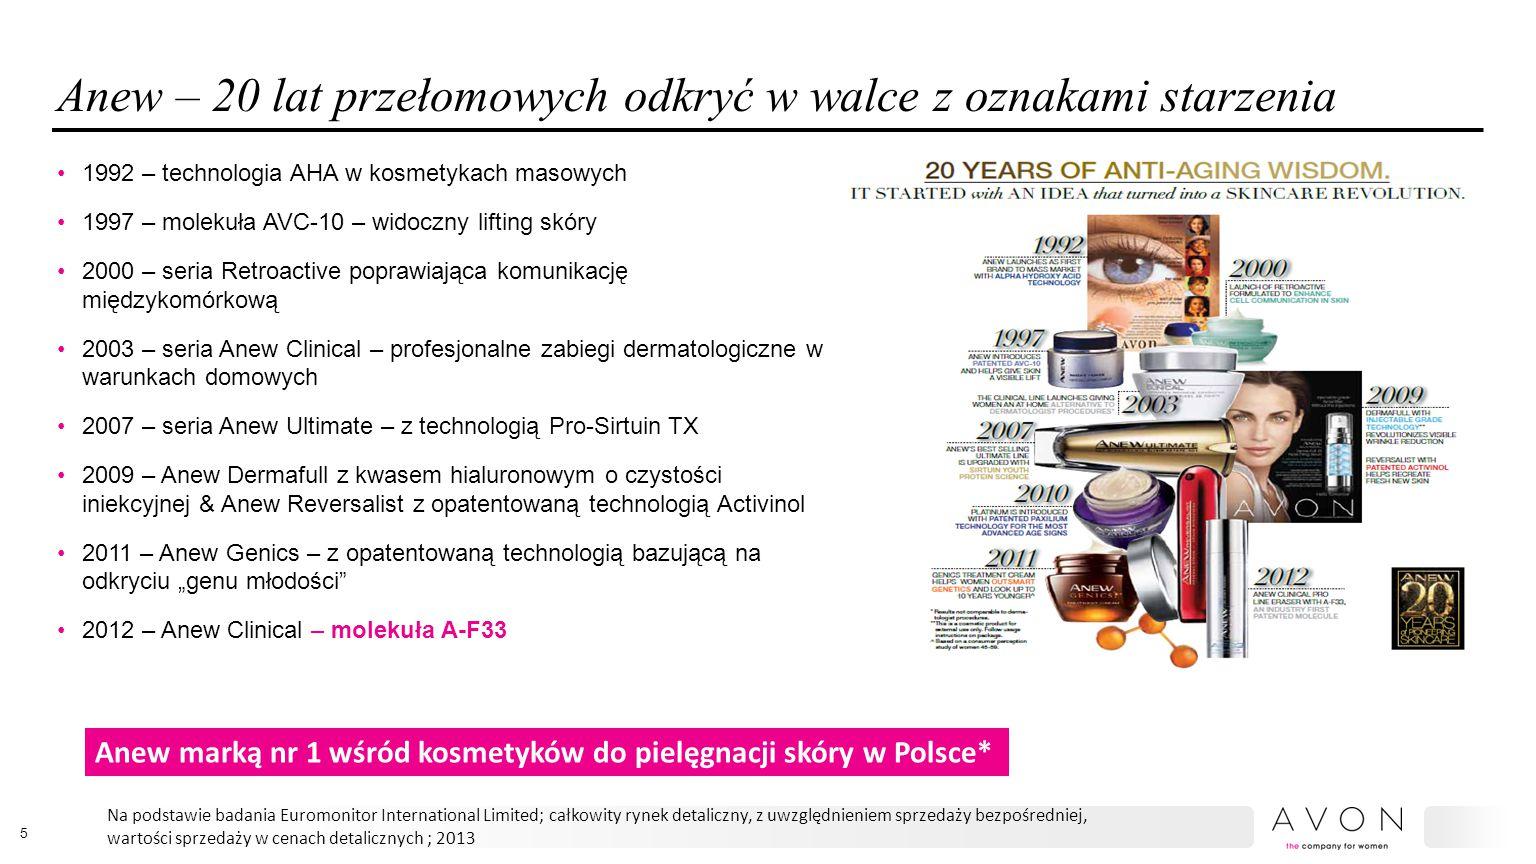 """Anew – 20 lat przełomowych odkryć w walce z oznakami starzenia 1992 – technologia AHA w kosmetykach masowych 1997 – molekuła AVC-10 – widoczny lifting skóry 2000 – seria Retroactive poprawiająca komunikację międzykomórkową 2003 – seria Anew Clinical – profesjonalne zabiegi dermatologiczne w warunkach domowych 2007 – seria Anew Ultimate – z technologią Pro-Sirtuin TX 2009 – Anew Dermafull z kwasem hialuronowym o czystości iniekcyjnej & Anew Reversalist z opatentowaną technologią Activinol 2011 – Anew Genics – z opatentowaną technologią bazującą na odkryciu """"genu młodości 2012 – Anew Clinical – molekuła A-F33 5 Anew marką nr 1 wśród kosmetyków do pielęgnacji skóry w Polsce* Na podstawie badania Euromonitor International Limited; całkowity rynek detaliczny, z uwzględnieniem sprzedaży bezpośredniej, wartości sprzedaży w cenach detalicznych ; 2013"""